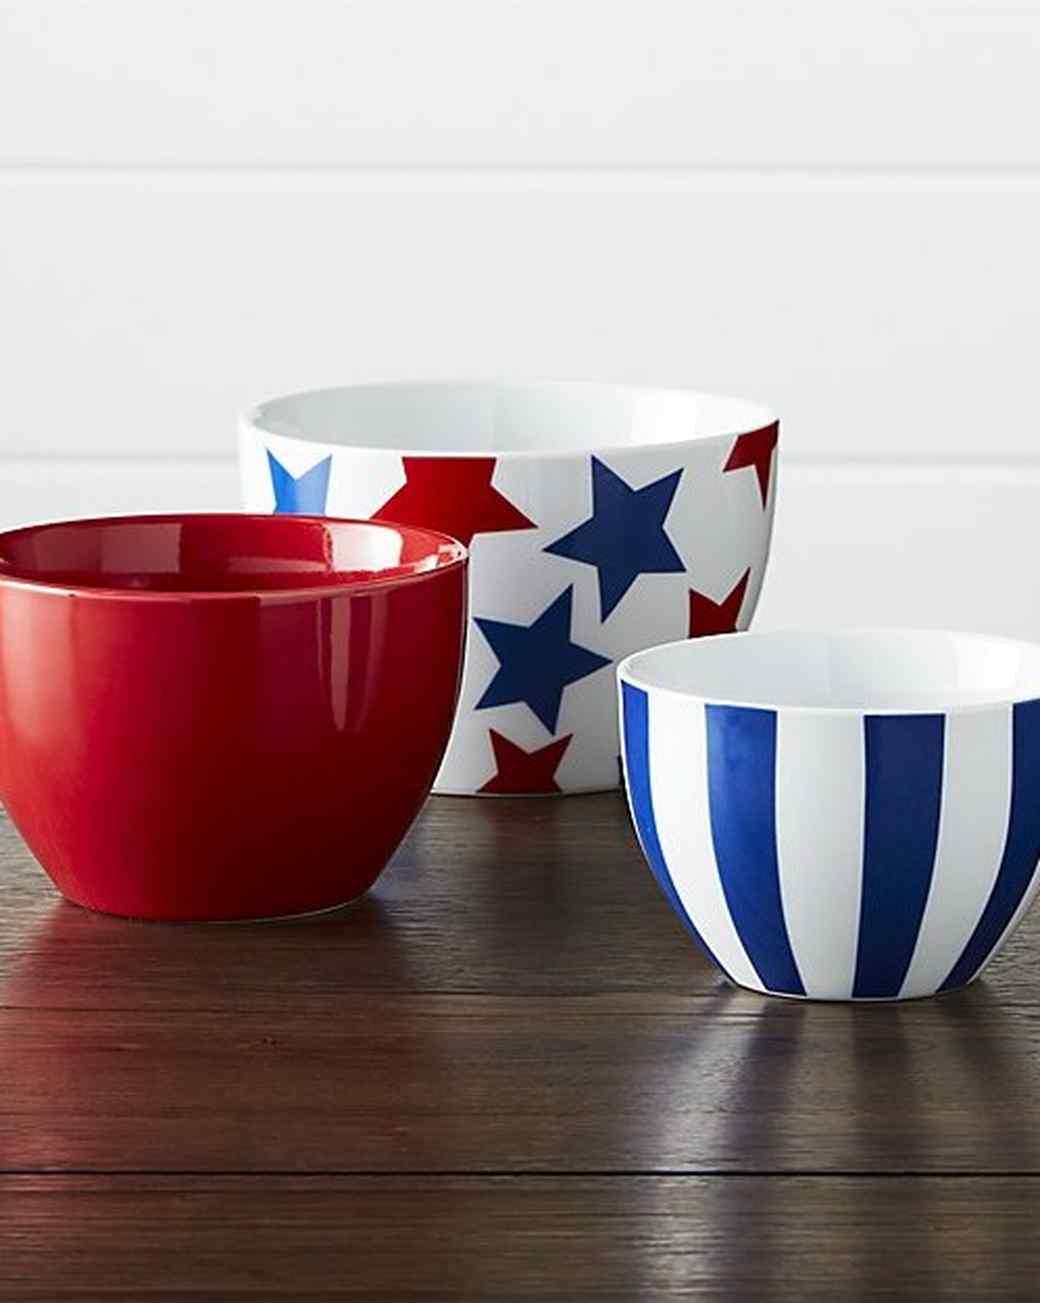 Crate & Barrel Stars and Stripes Porcelain Bowls